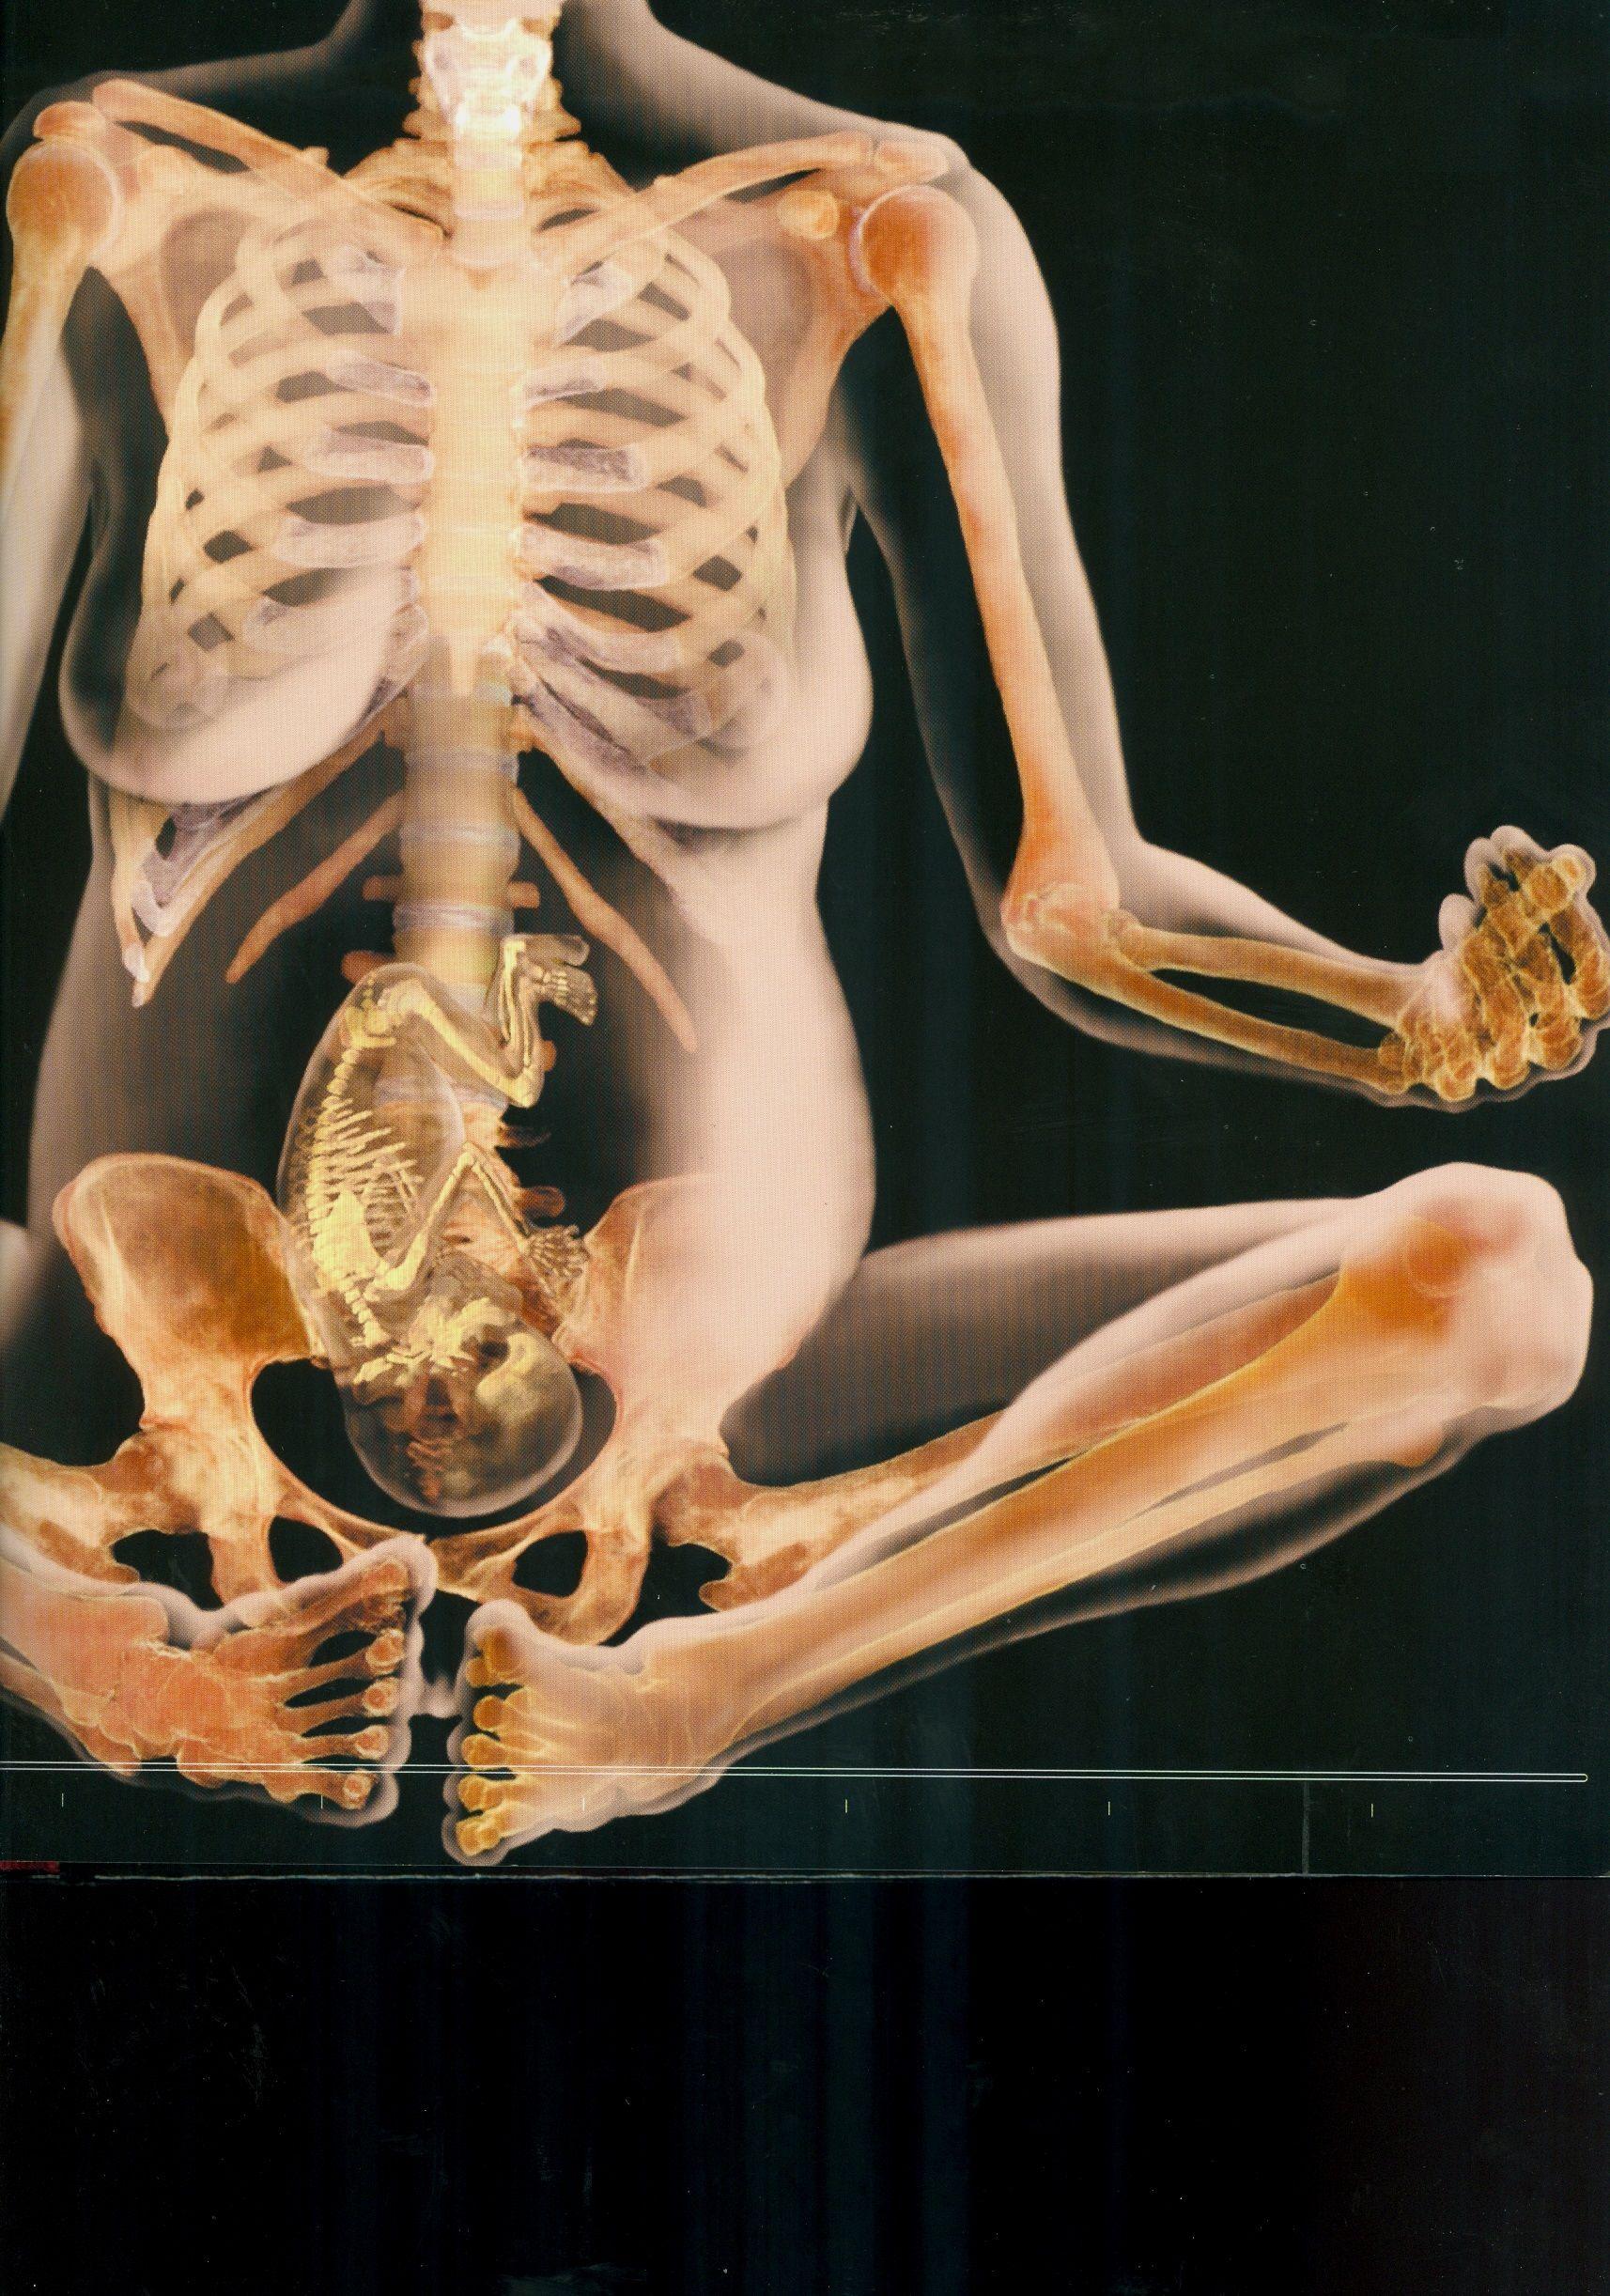 Pregnancy Q & A   El cuerpo humano, Cuerpo humano y El cuerpo